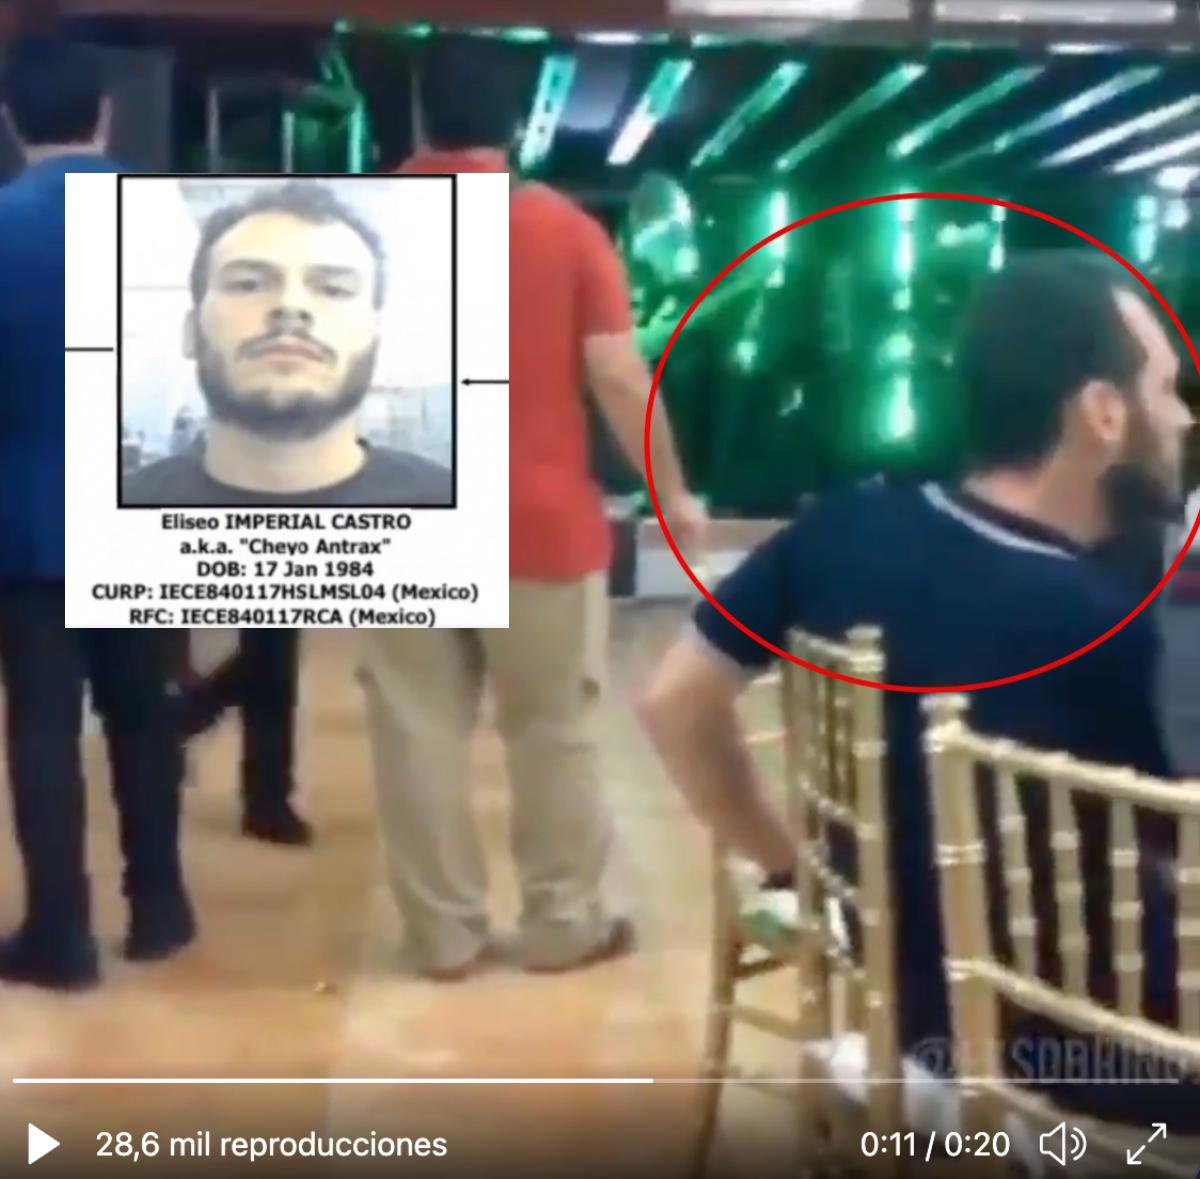 VIDEO: Captan Eliseo Imperial Castro, alias el Cheyo Ántrax en narcofiesta